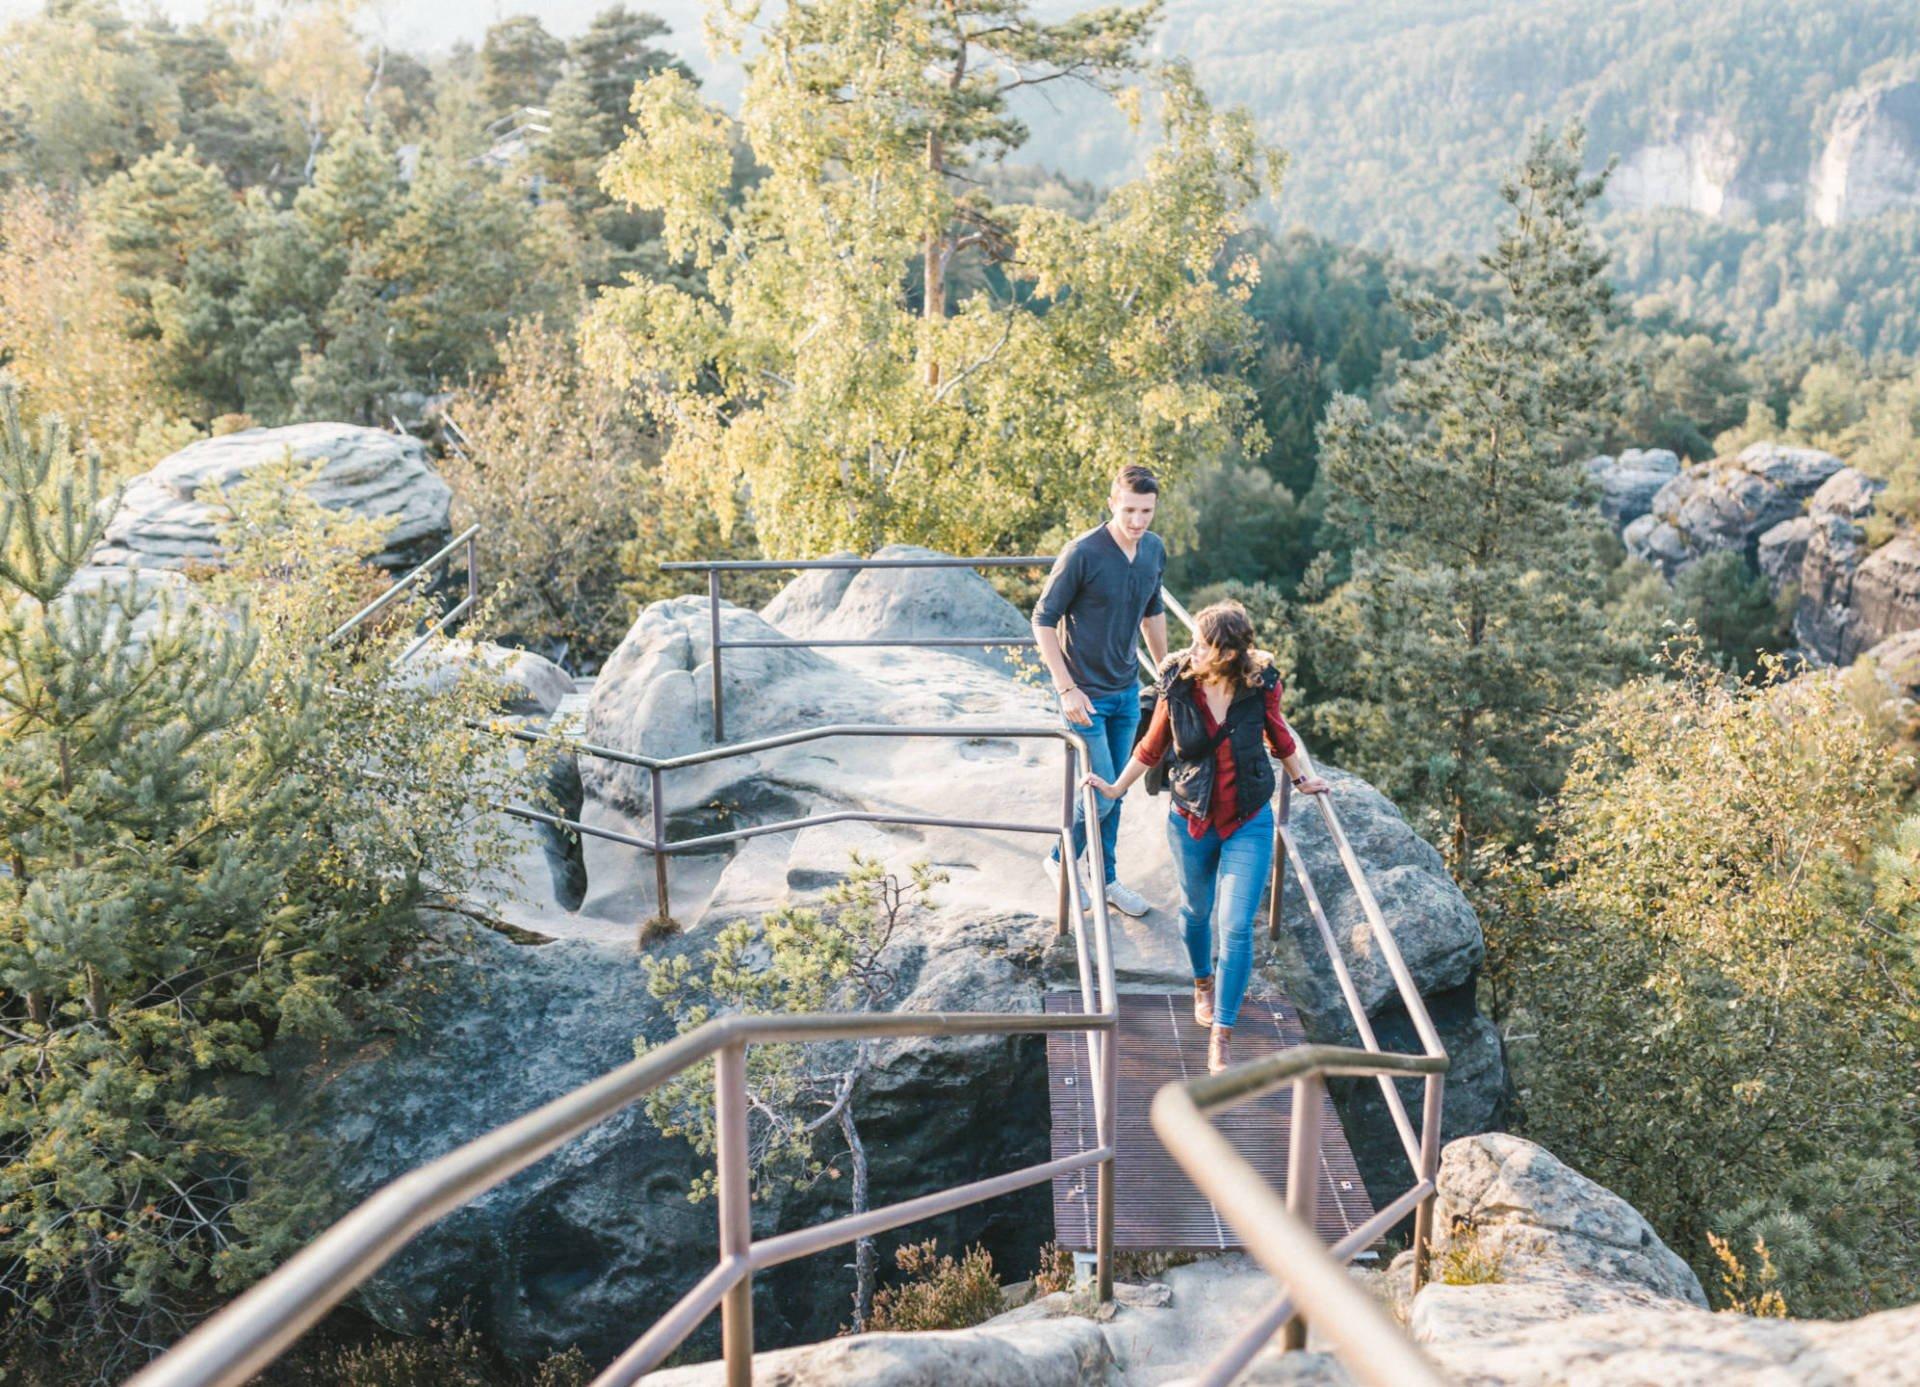 Paarportrait Elbsandsteingebirge 19 - Paarshoot im Elbsandsteingebirge